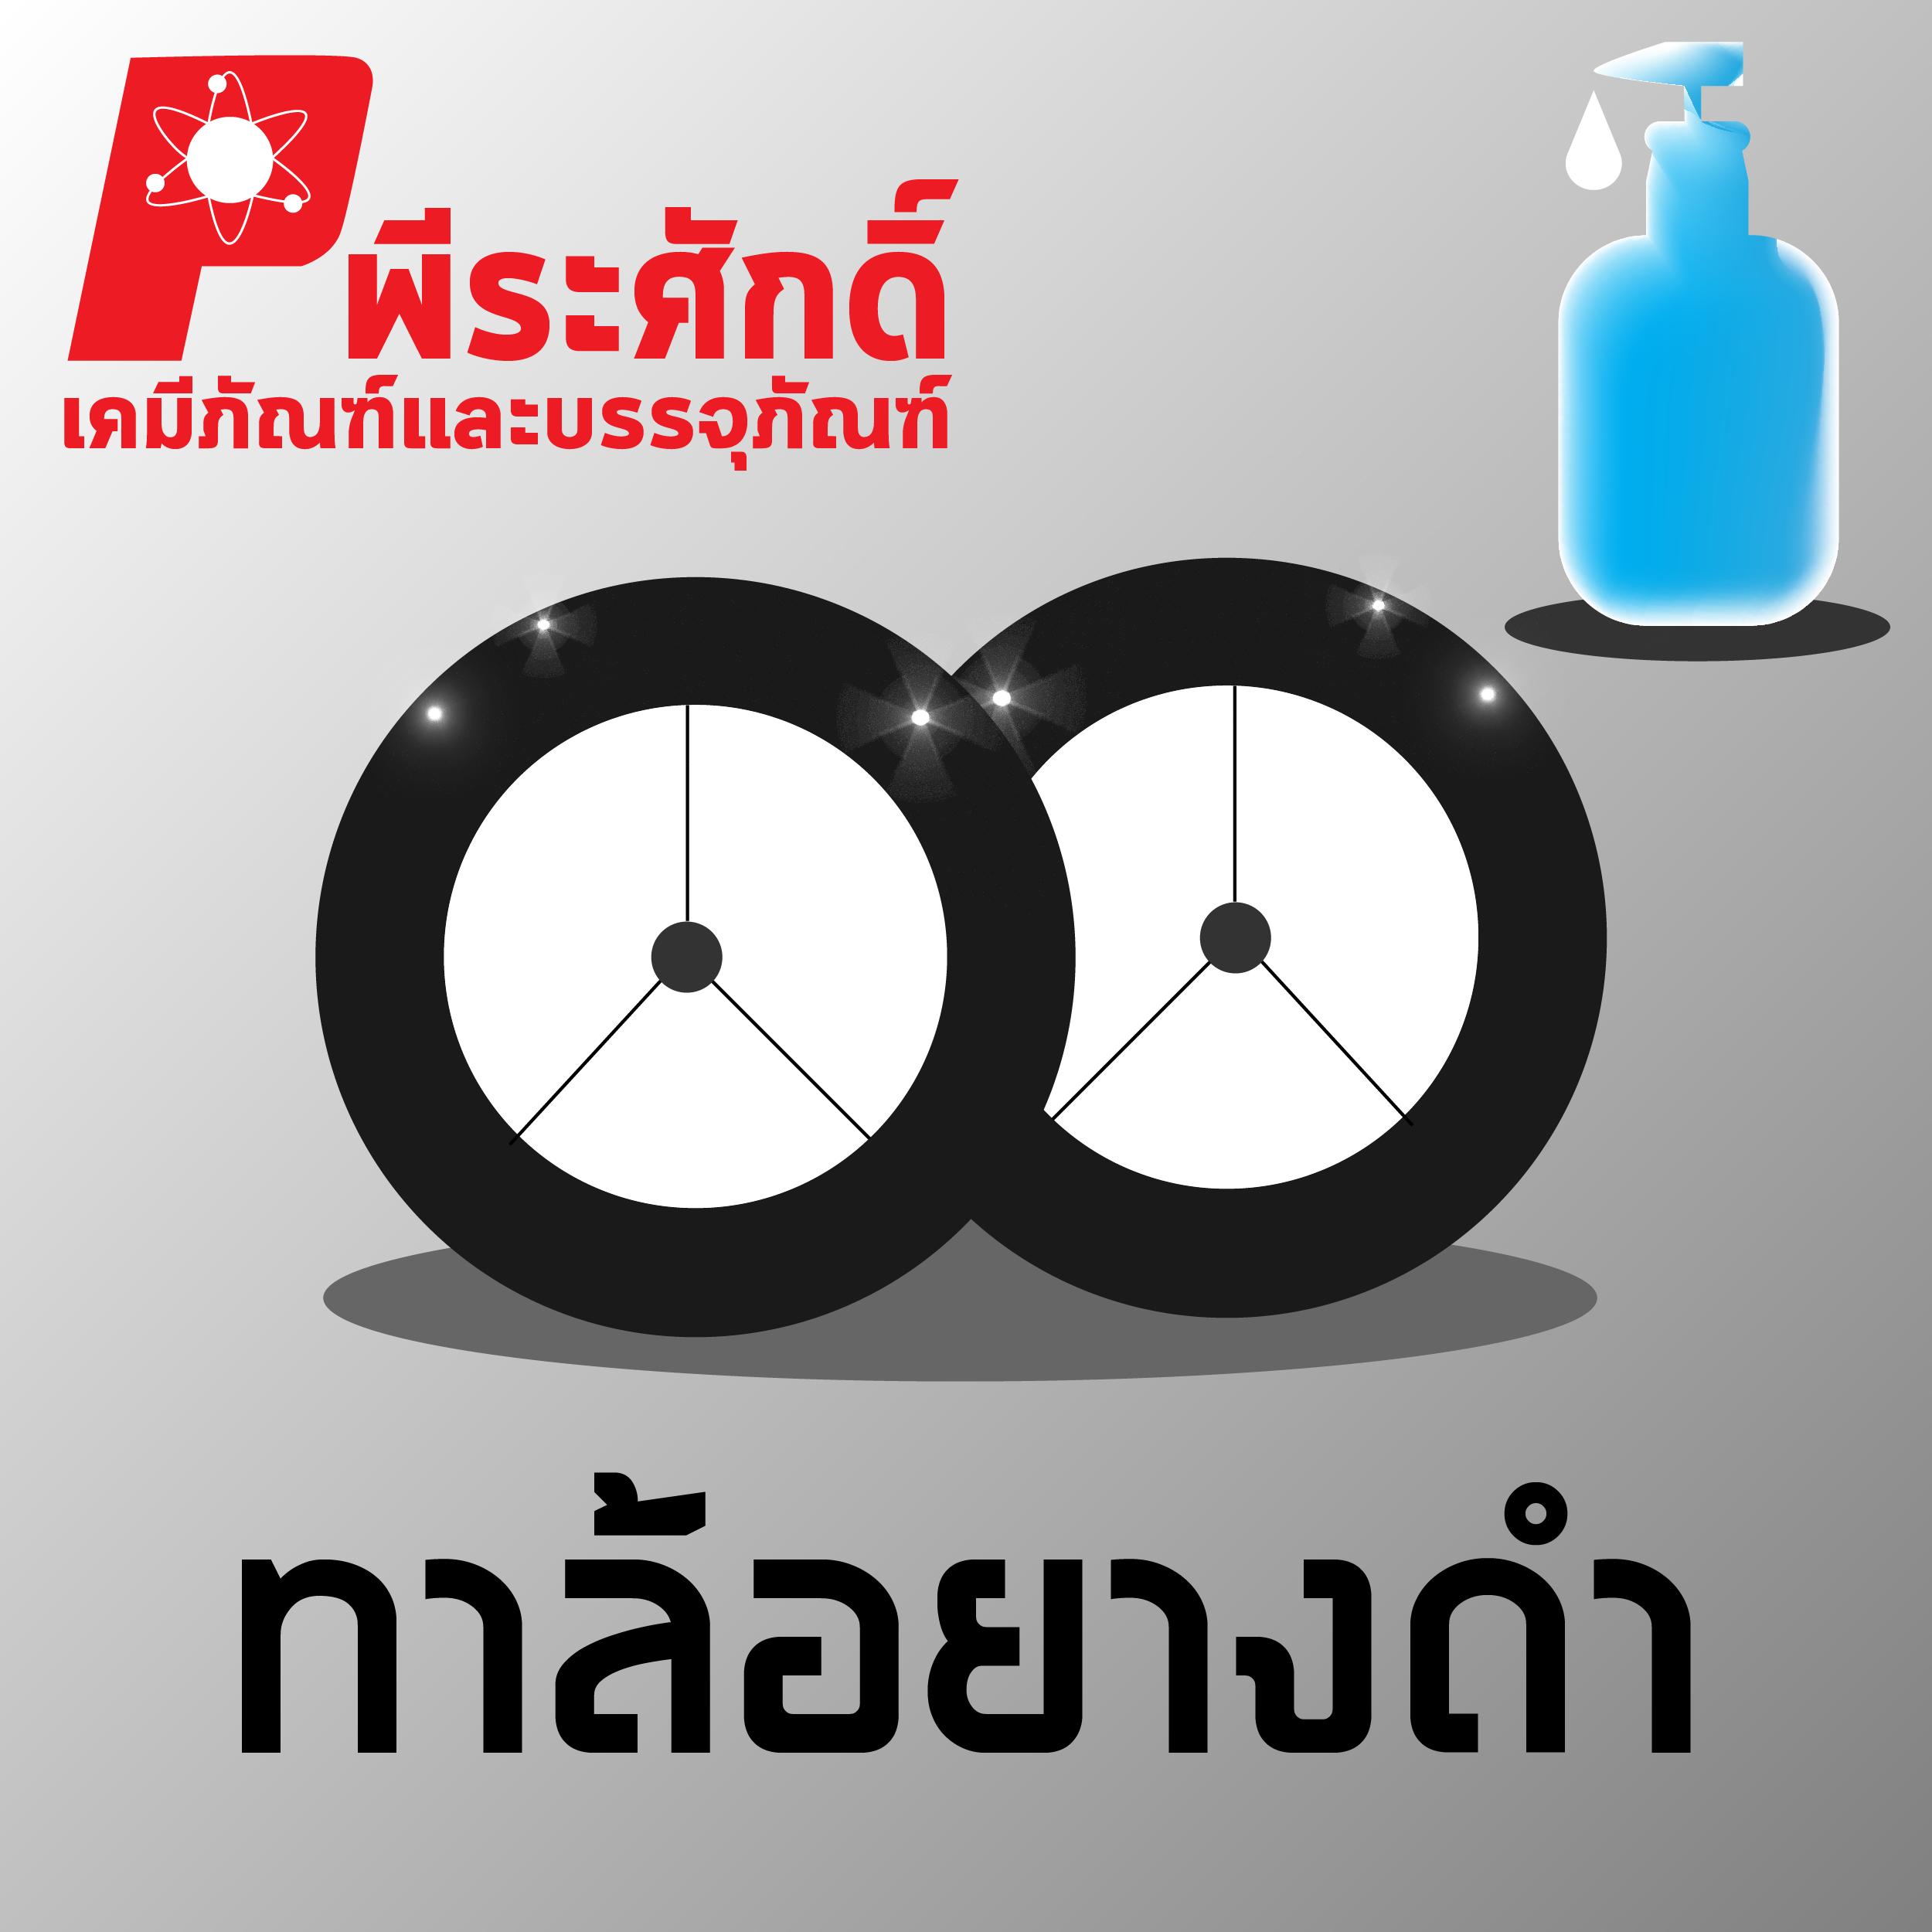 น้ำยาทาล้อดำ 3.8 ลิตร